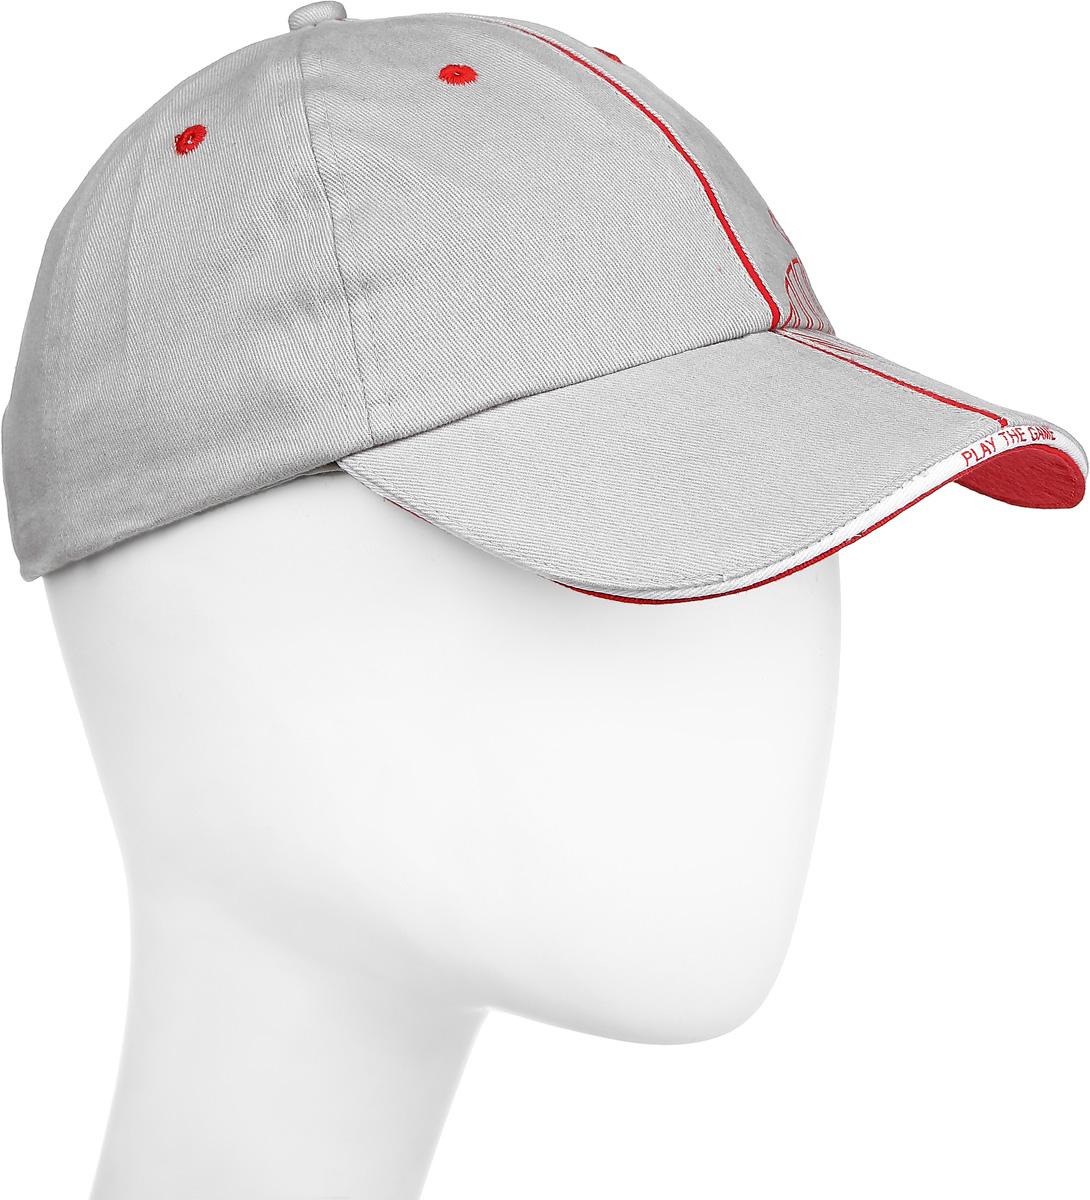 Бейсболка 2K Sport Ferrat, цвет: светло-серый, красный. 124230. Размер 58/60124230_grey/redБейсболка 2K Sport Ferrat выполнена из натурального хлопка и имеет классическую панельную конструкцию. Модель с плотным козырьком оформлена фирменным принтом. Бейсболка имеет небольшие отверстия, обеспечивающие дополнительную вентиляцию. Объем бейсболки регулируется при помощи хлястиков с липучками.